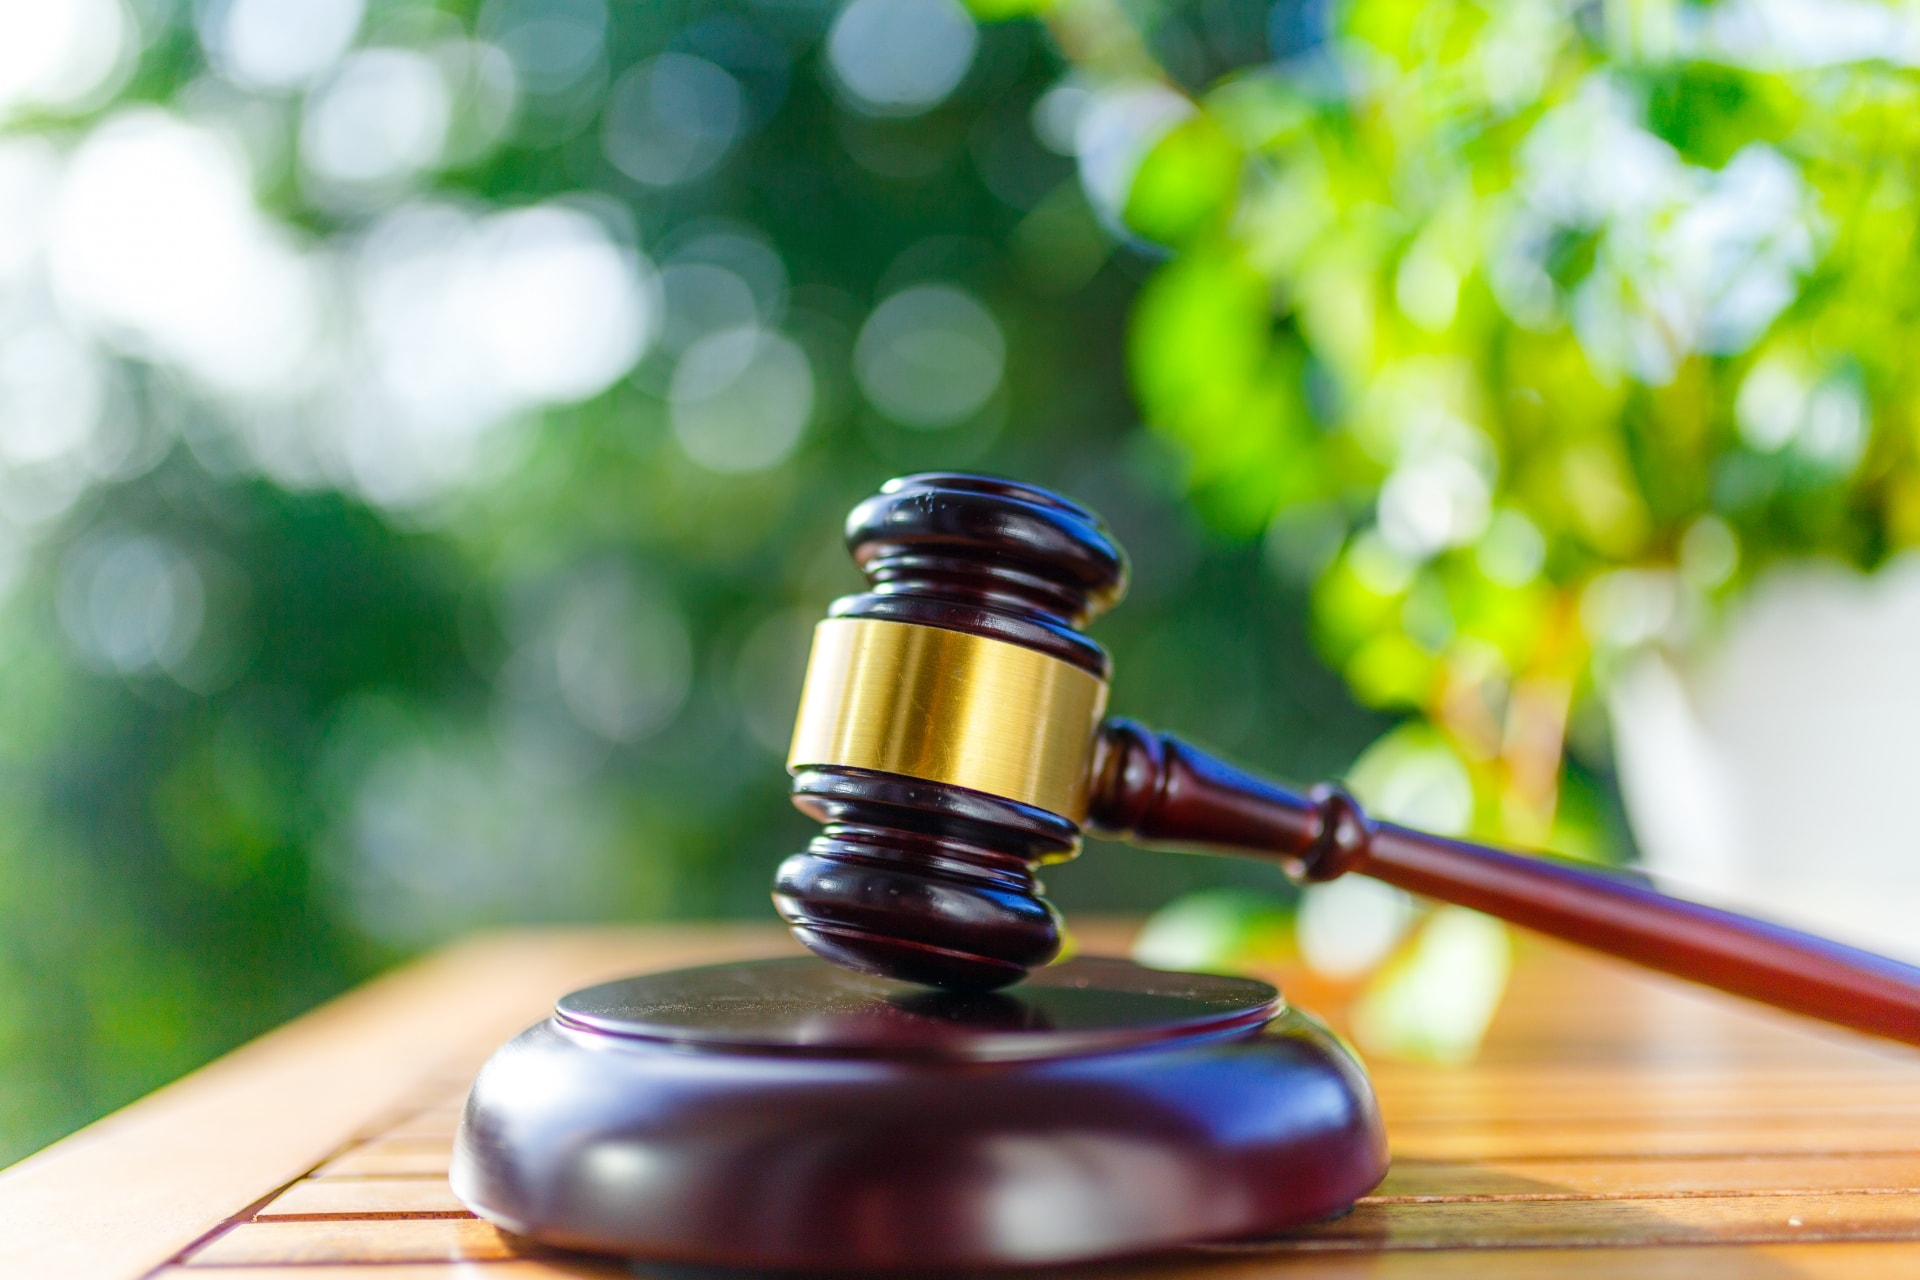 法学部のあるある7選|法学部志望者が知っておくべきことまとめ